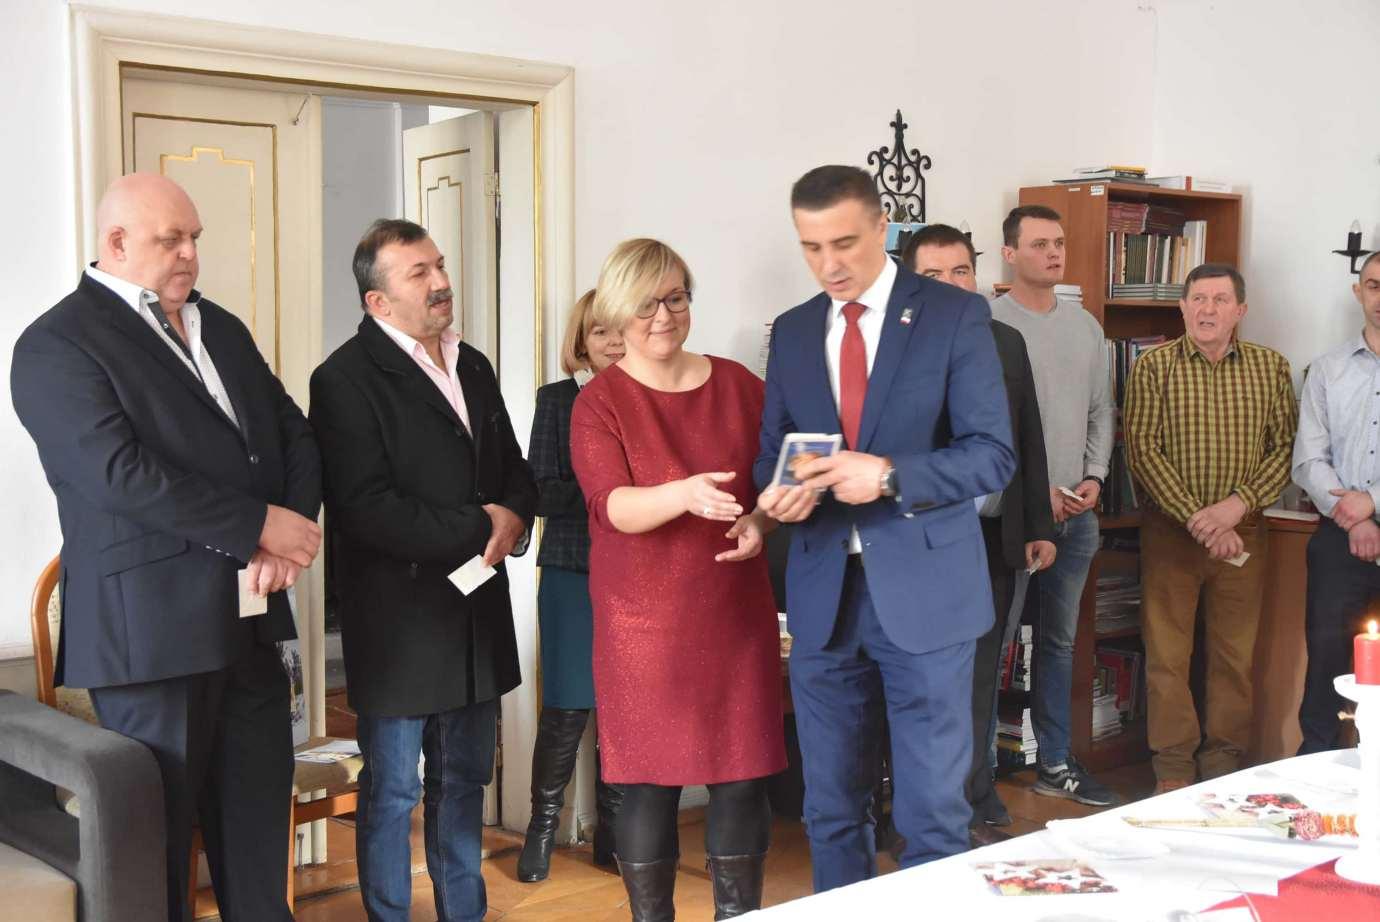 dsc 4032 Zamość: Otwarcie nowego biura poselskiego Jarosława Sachajko. [ZDJĘCIA, FILM]